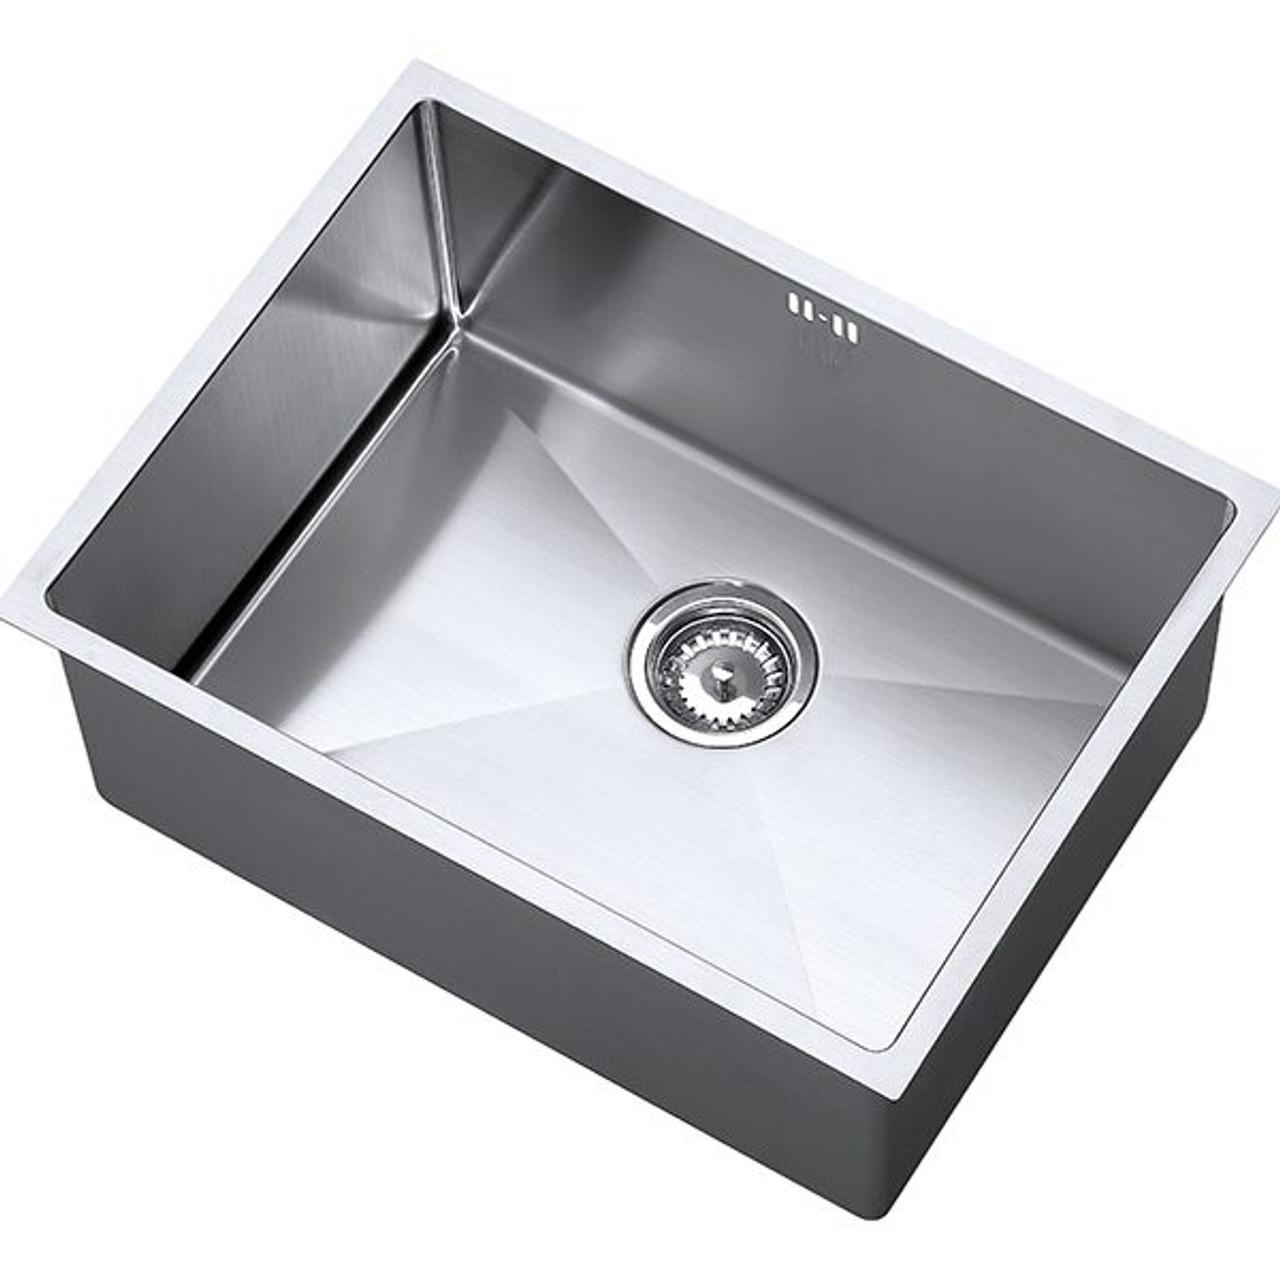 1810 zenuno15 550u deep single kitchen sink bowl